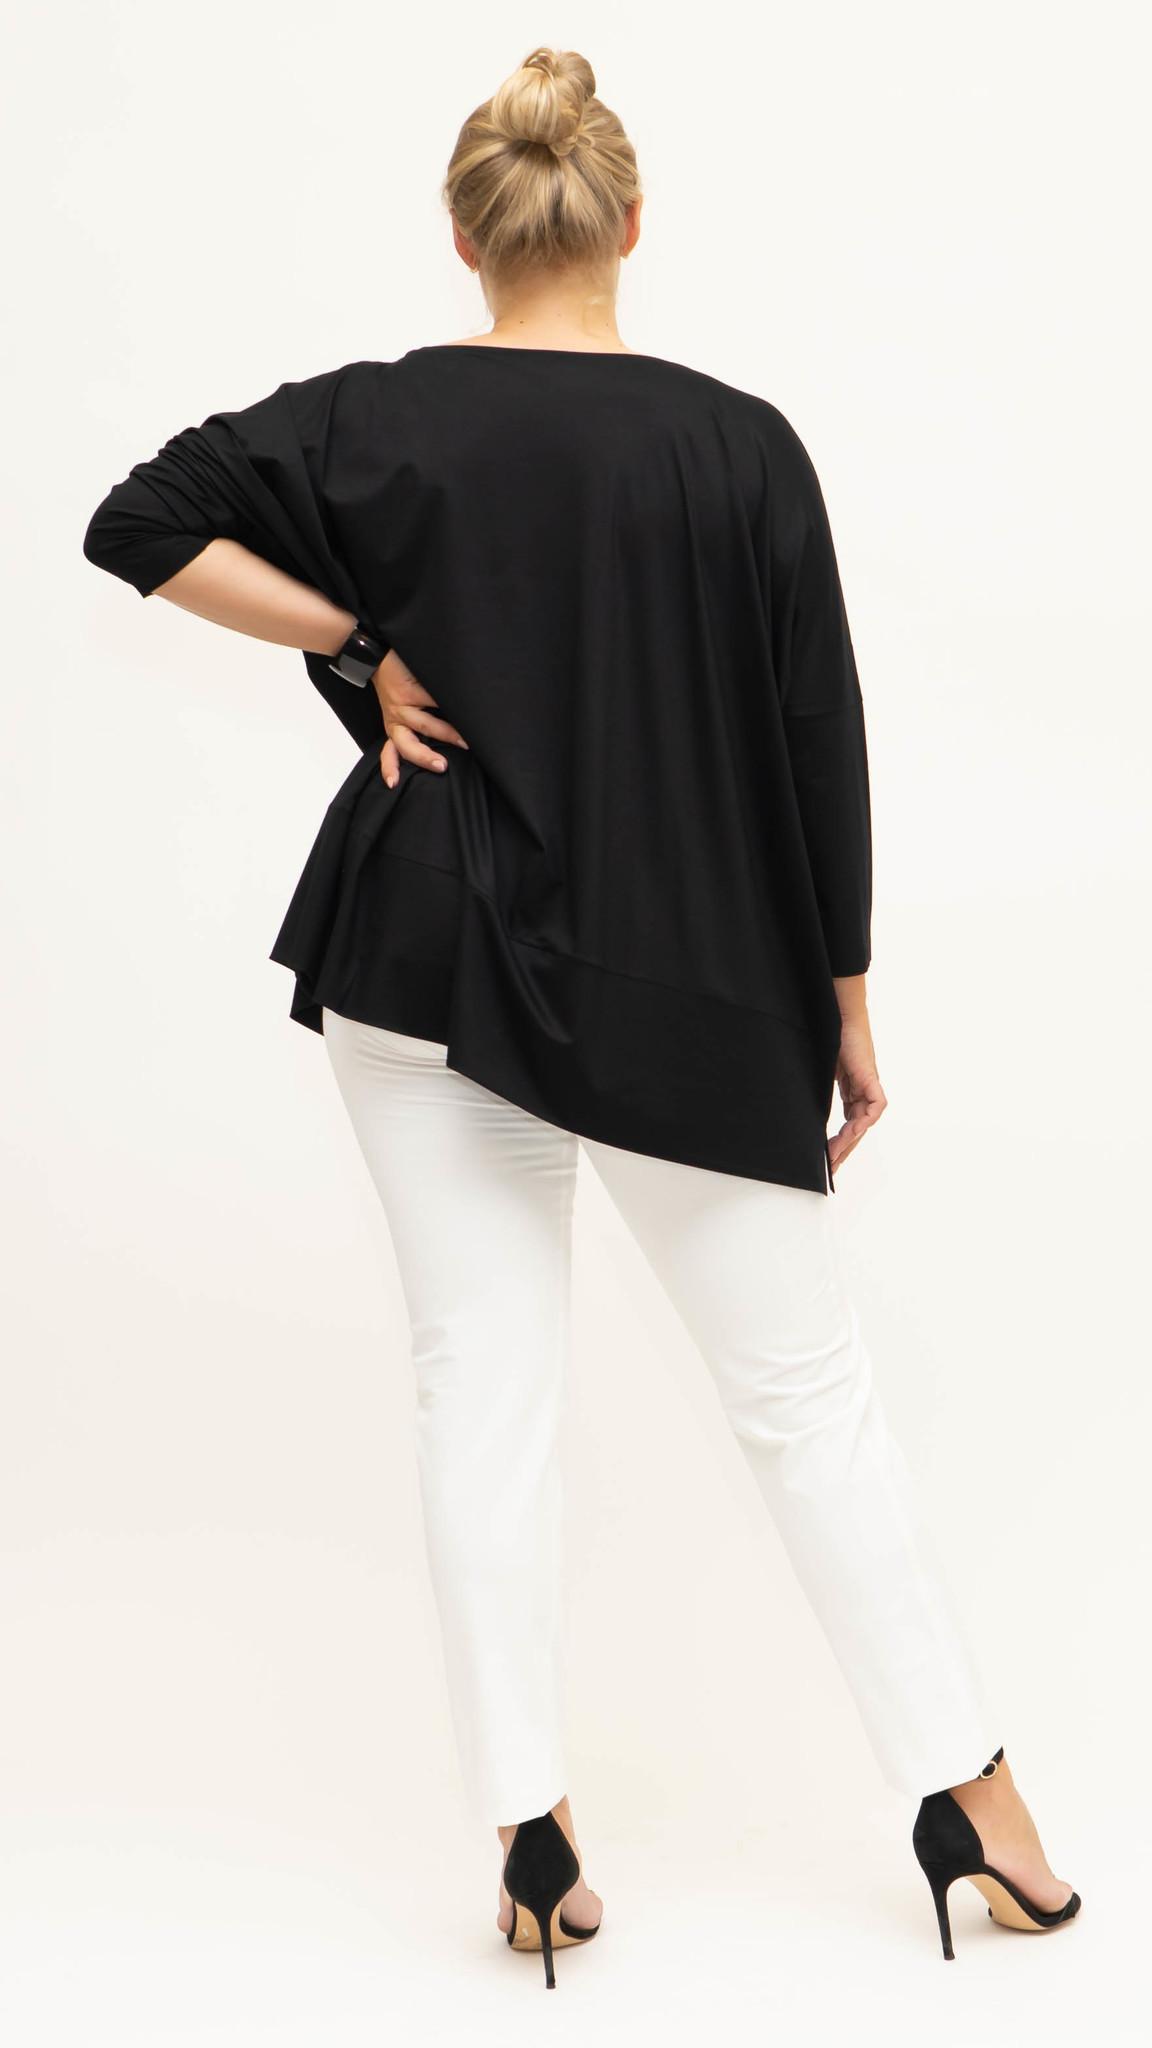 MAYA Shirt in Viscose-Jersey-2